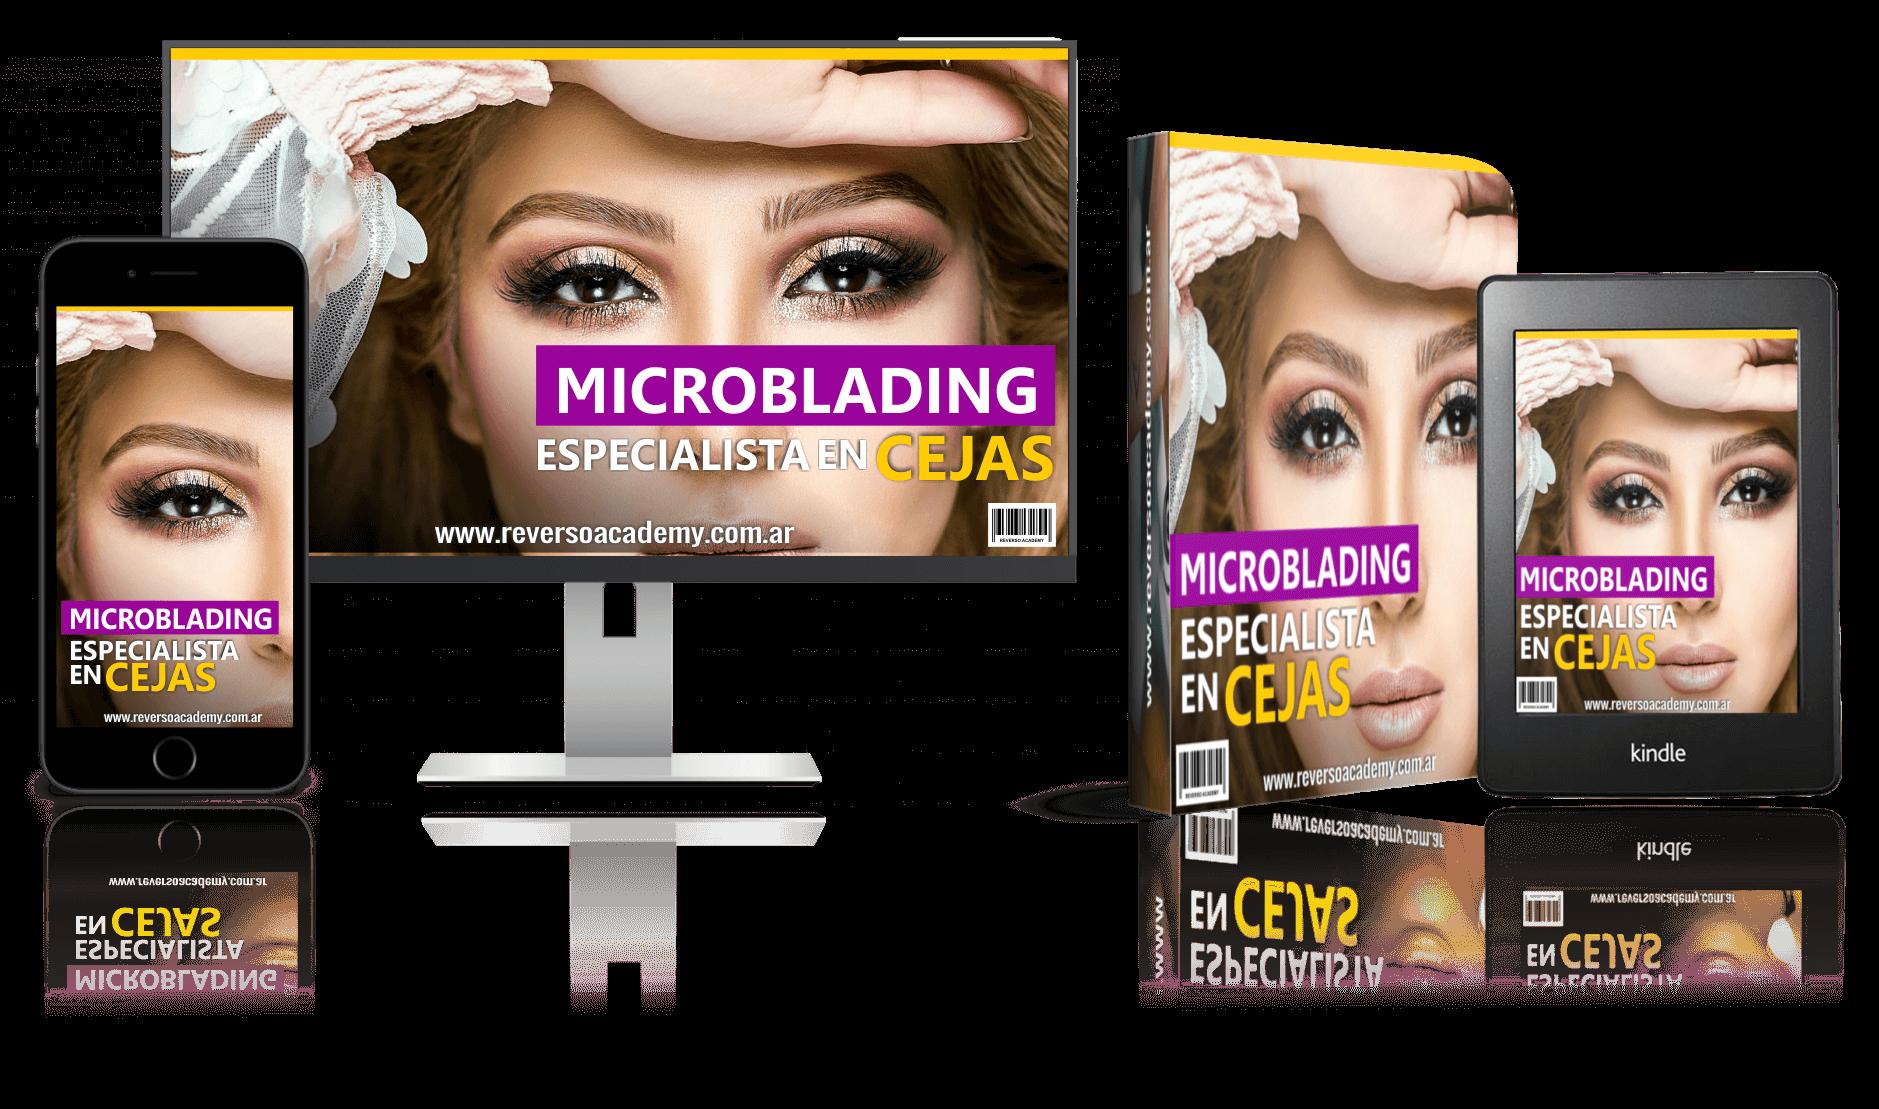 MICROBLADING DE CEJAS by Reverso Academy-masterclasses-cursos online-estetica-esteticista-belleza